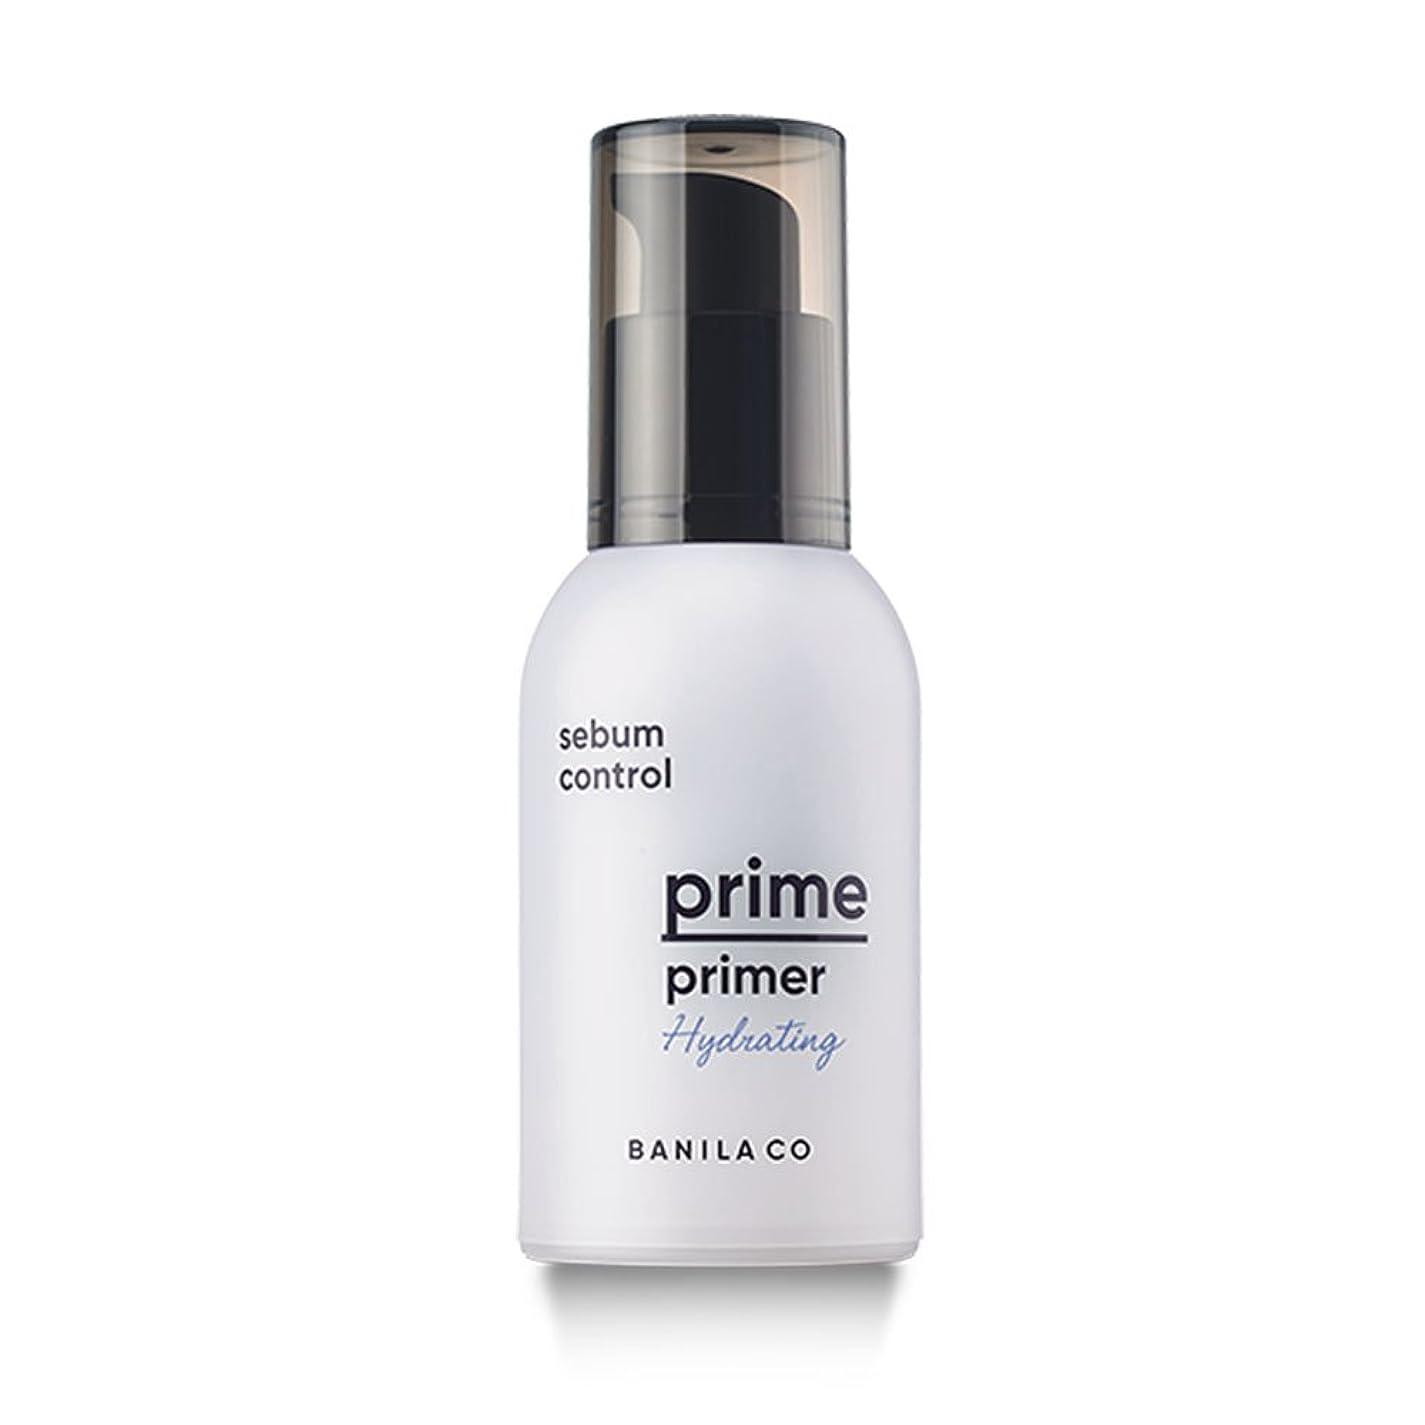 であることレディ時期尚早BANILA CO(バニラコ) プライム プライマー ハイドレーティング Prime Primer Hydrating 30ml